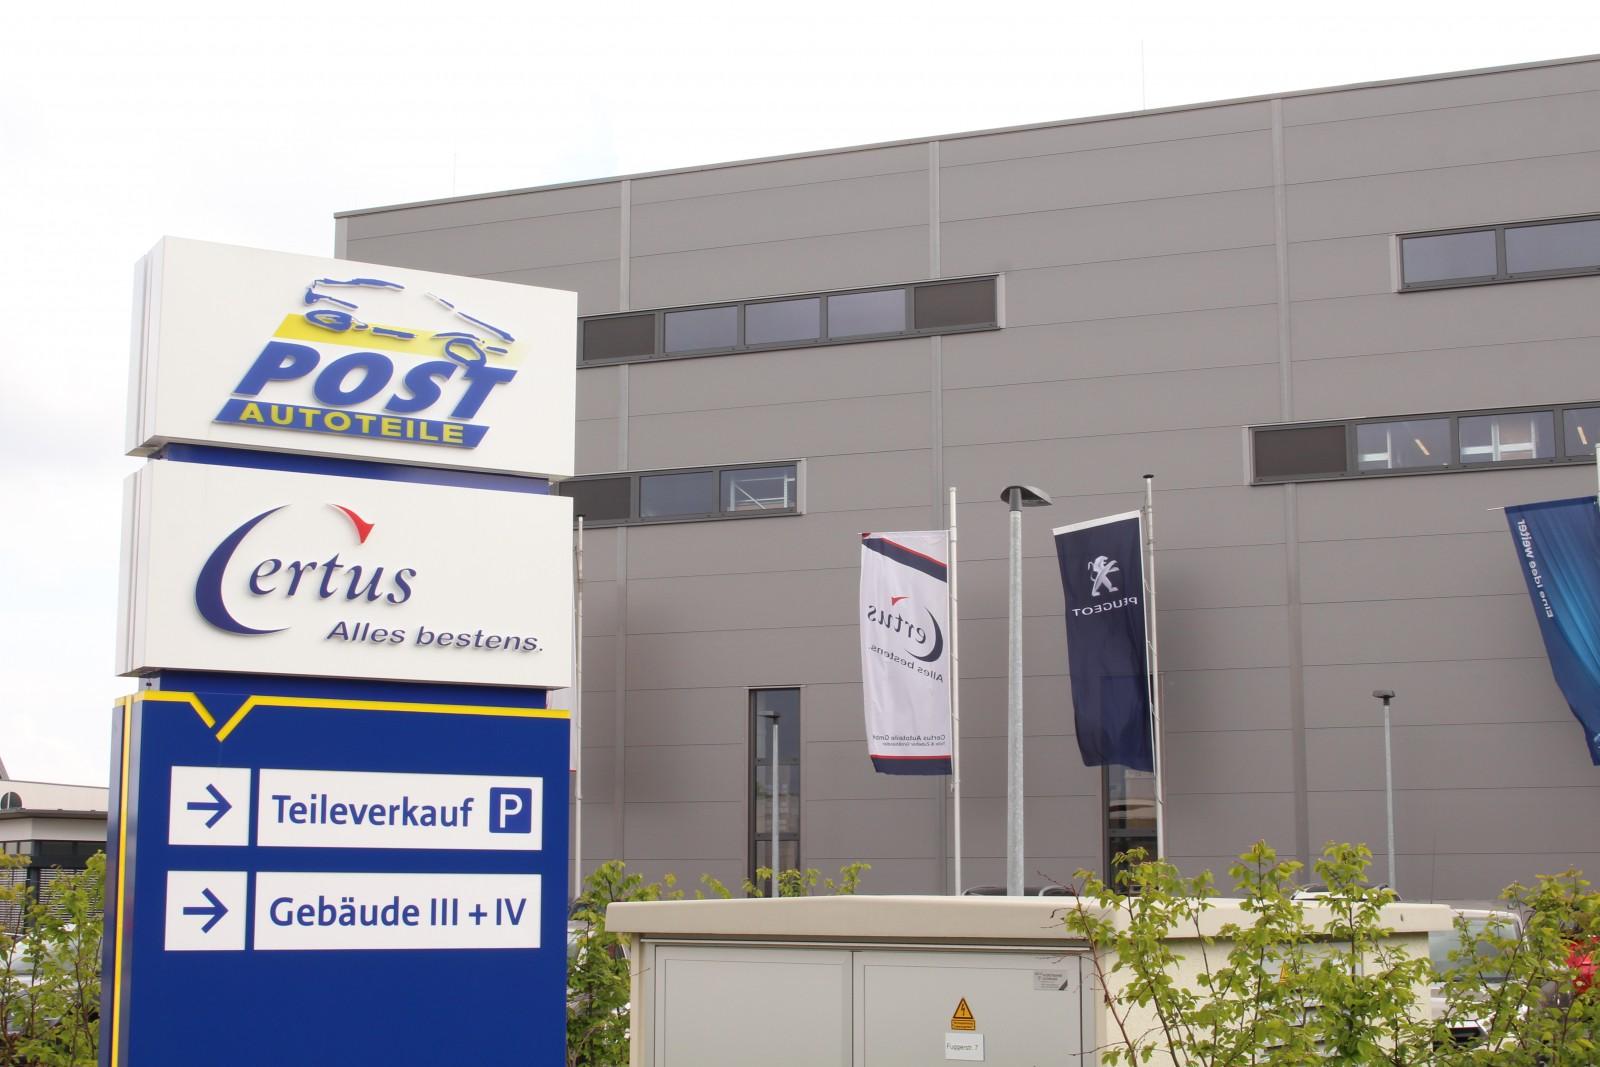 Autoteile Post AG - Freier Ersatzteilgroßhandel seit 1986